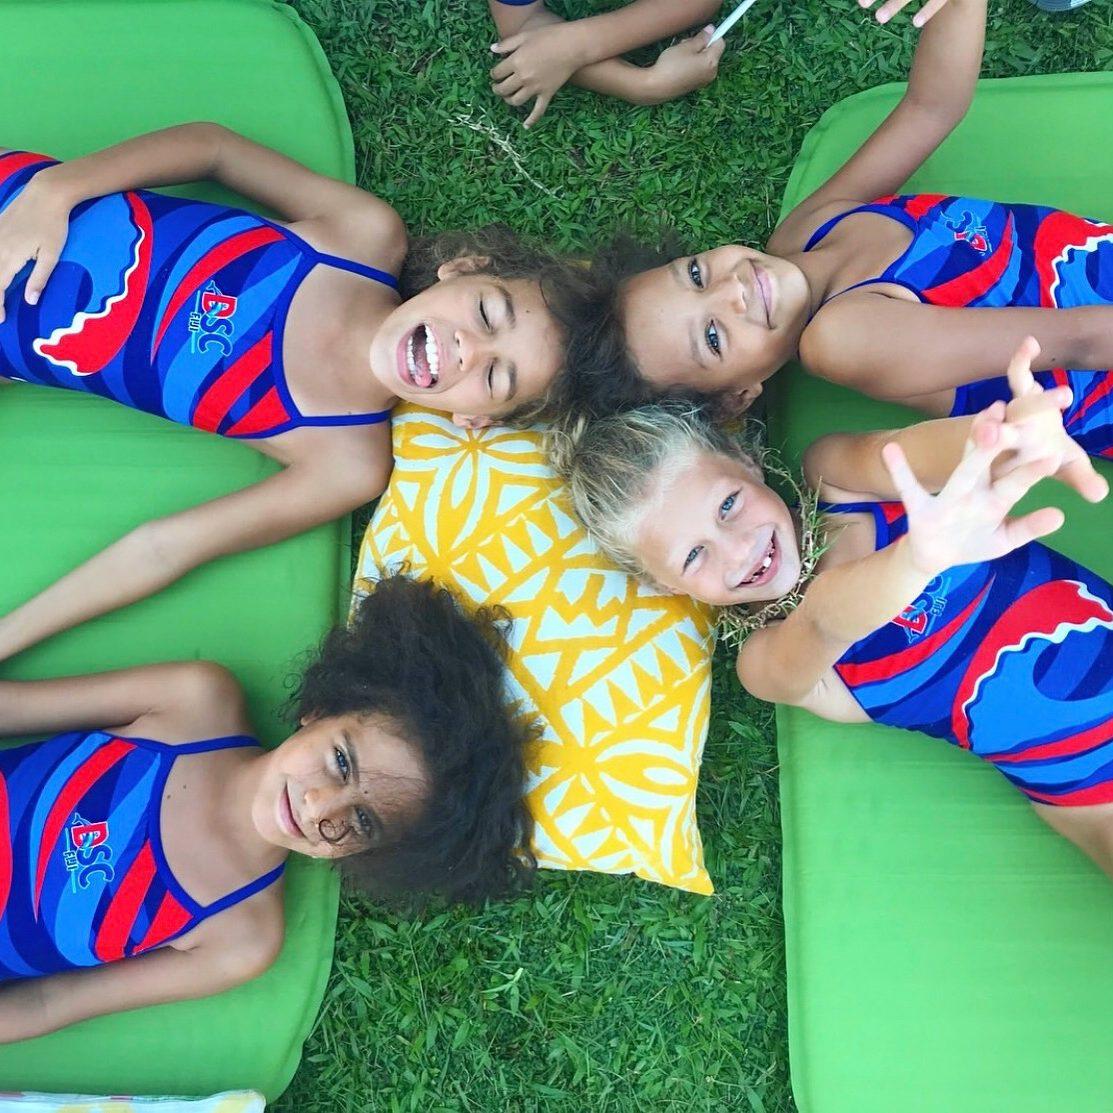 custom team swimwear / Zealous Swimwear